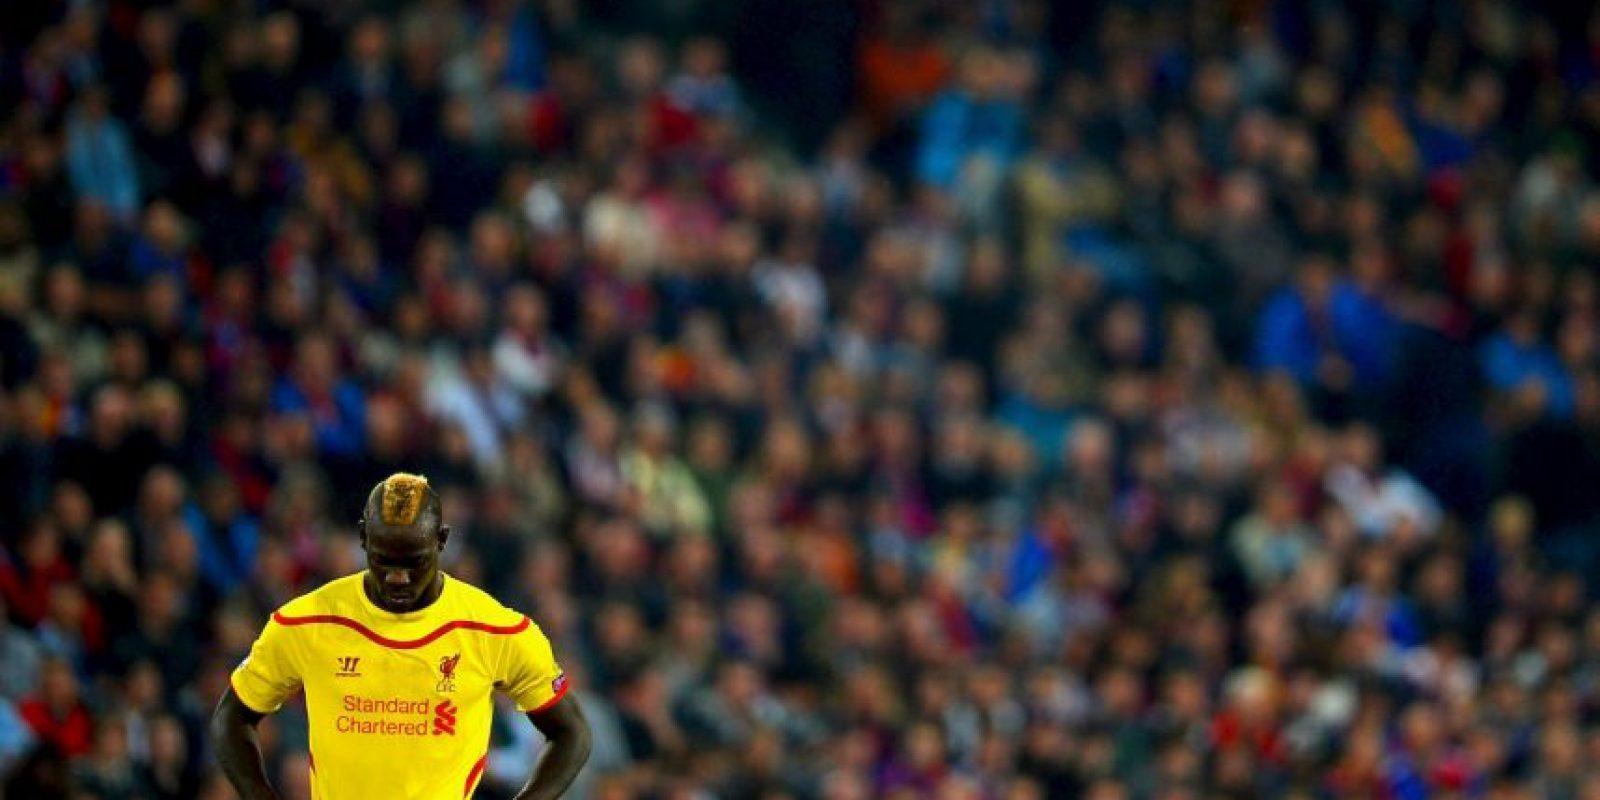 Mario Balotelli encabeza la lista de los jugadores más insultados en las redes sociales. 52% de estos mensajes son discriminatorios. Foto:Getty Images